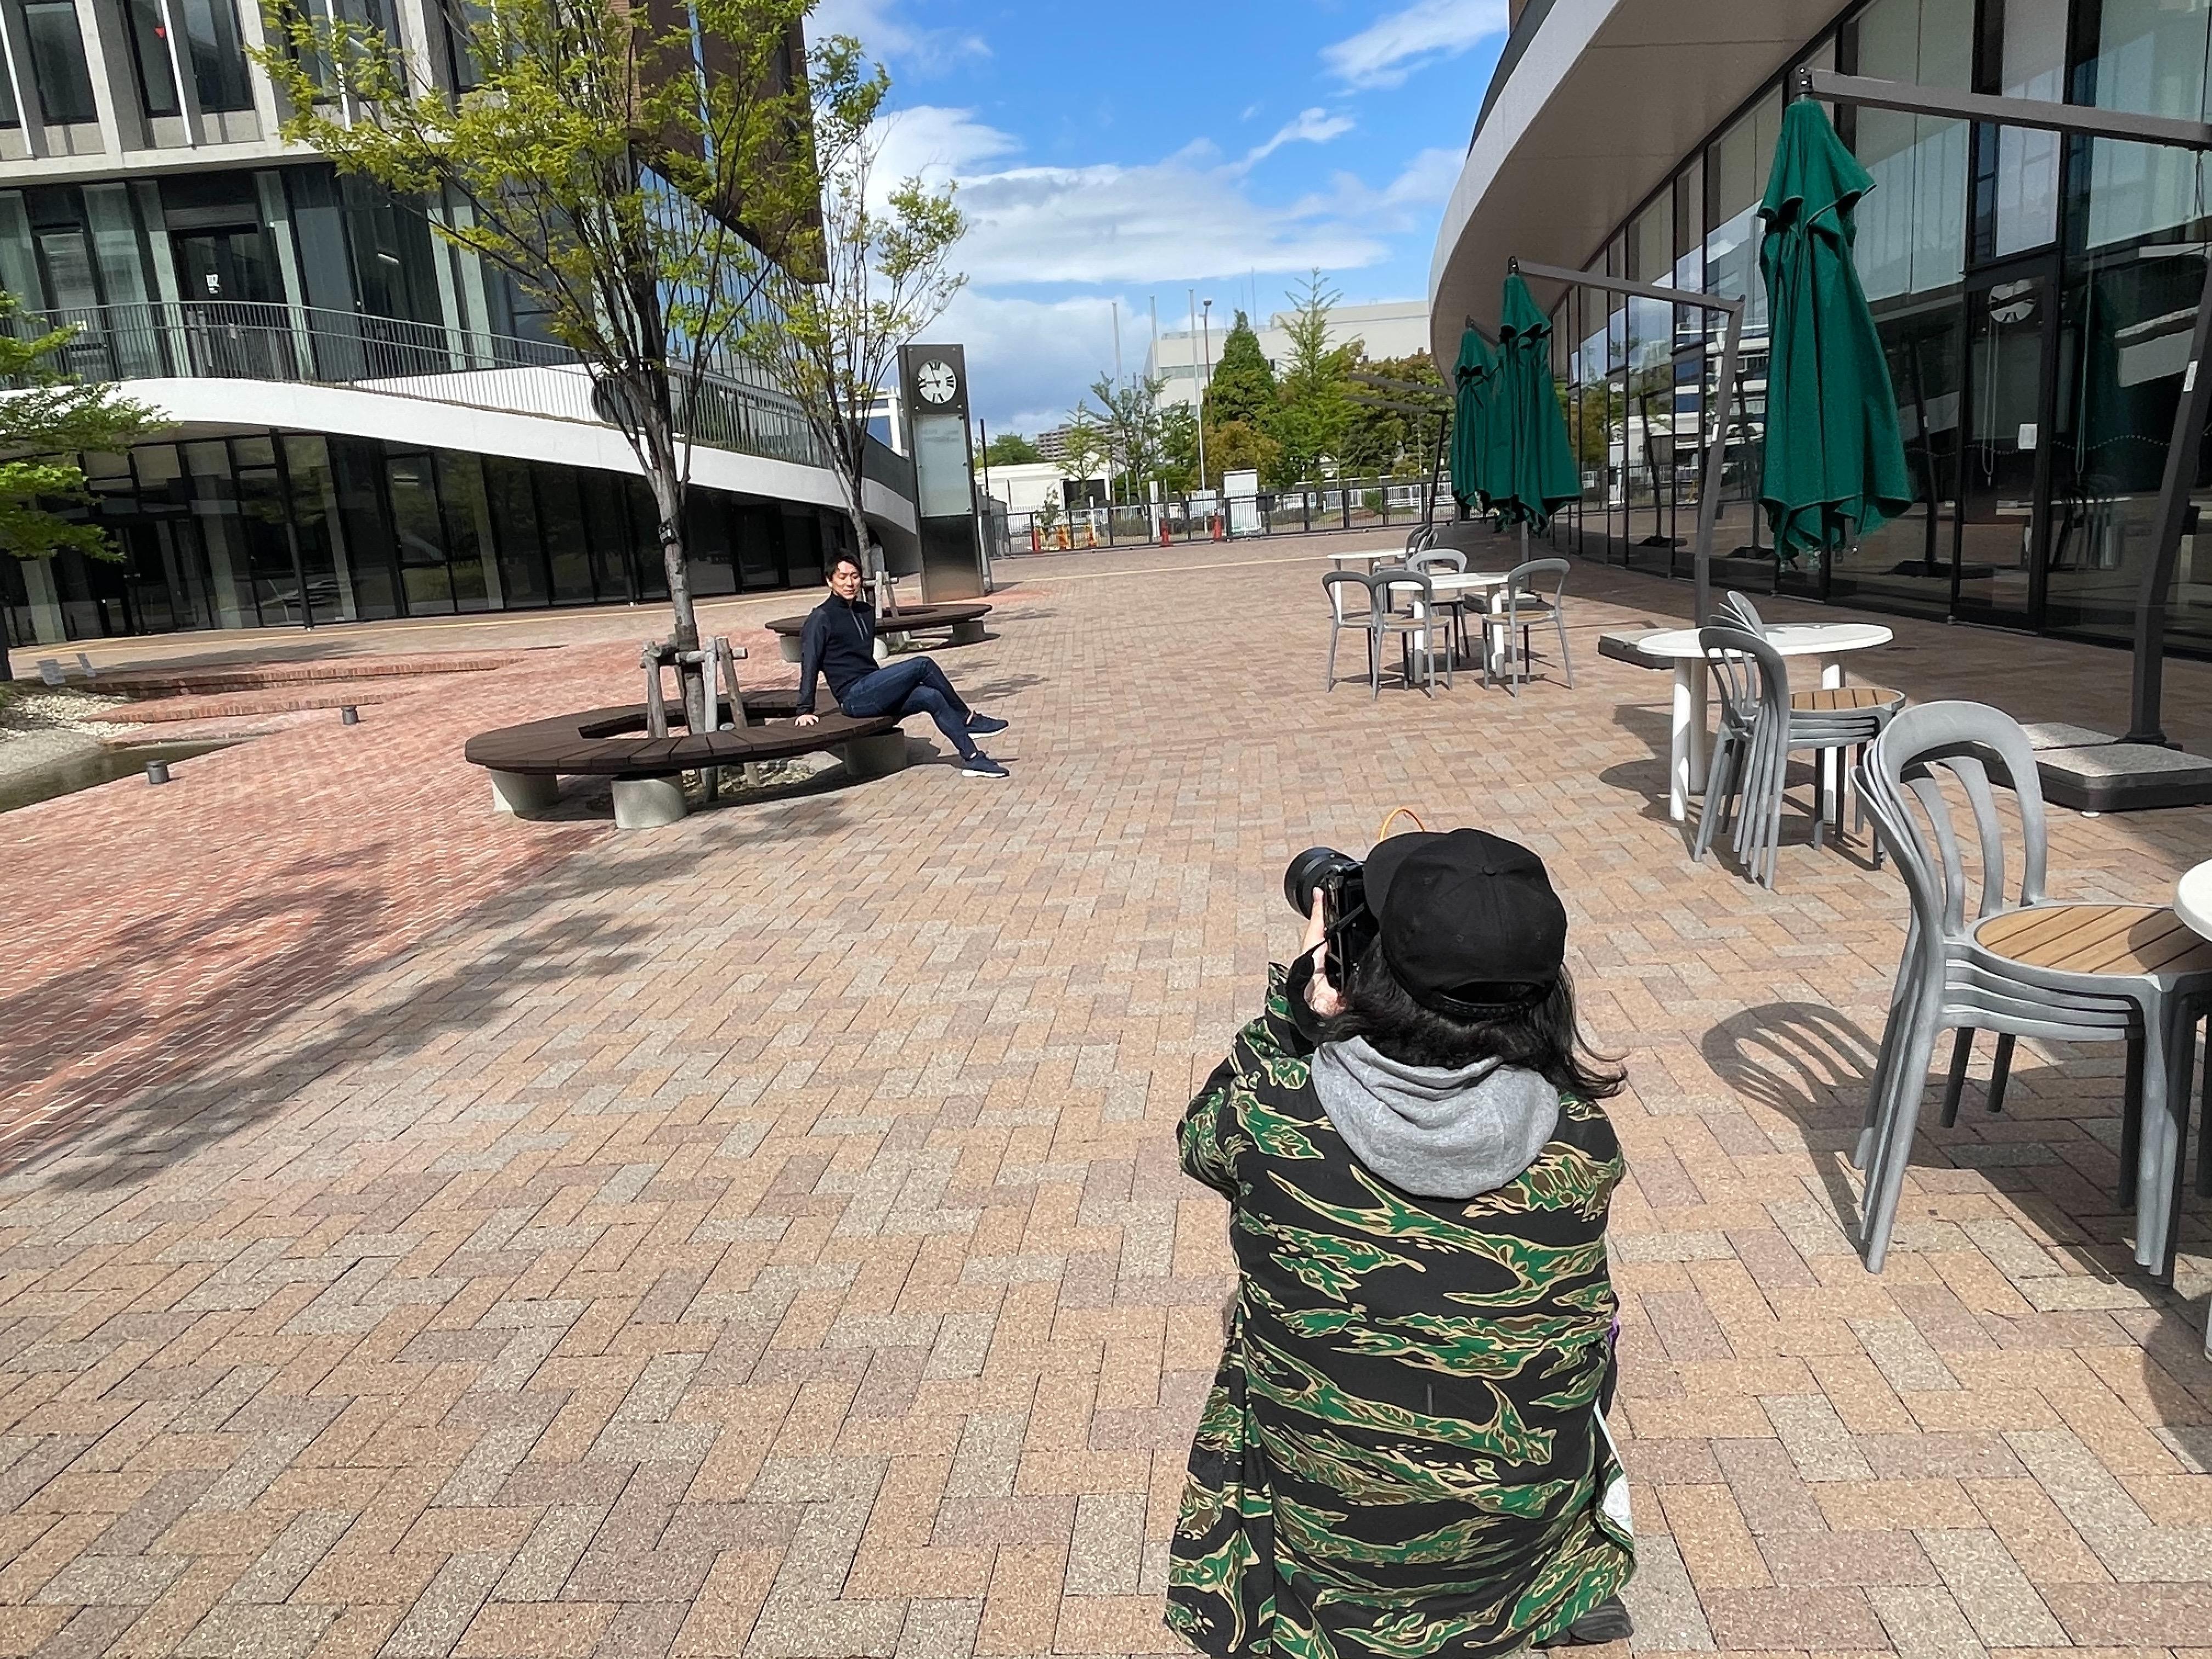 ナゴヤドーム前キャンパスのテラスでプロモーション撮影の様子